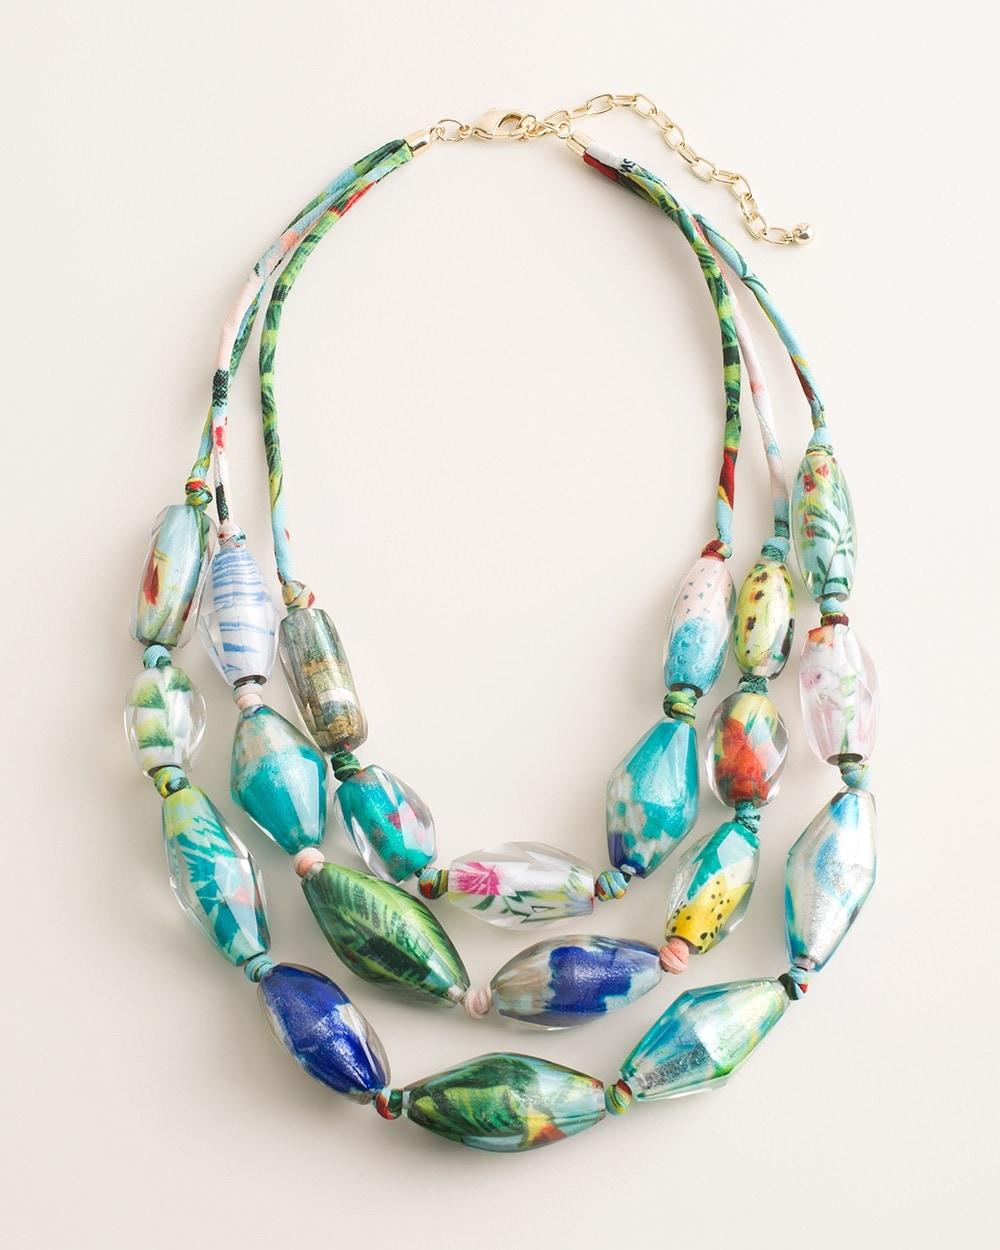 Vibrant Multi-Strand Necklace